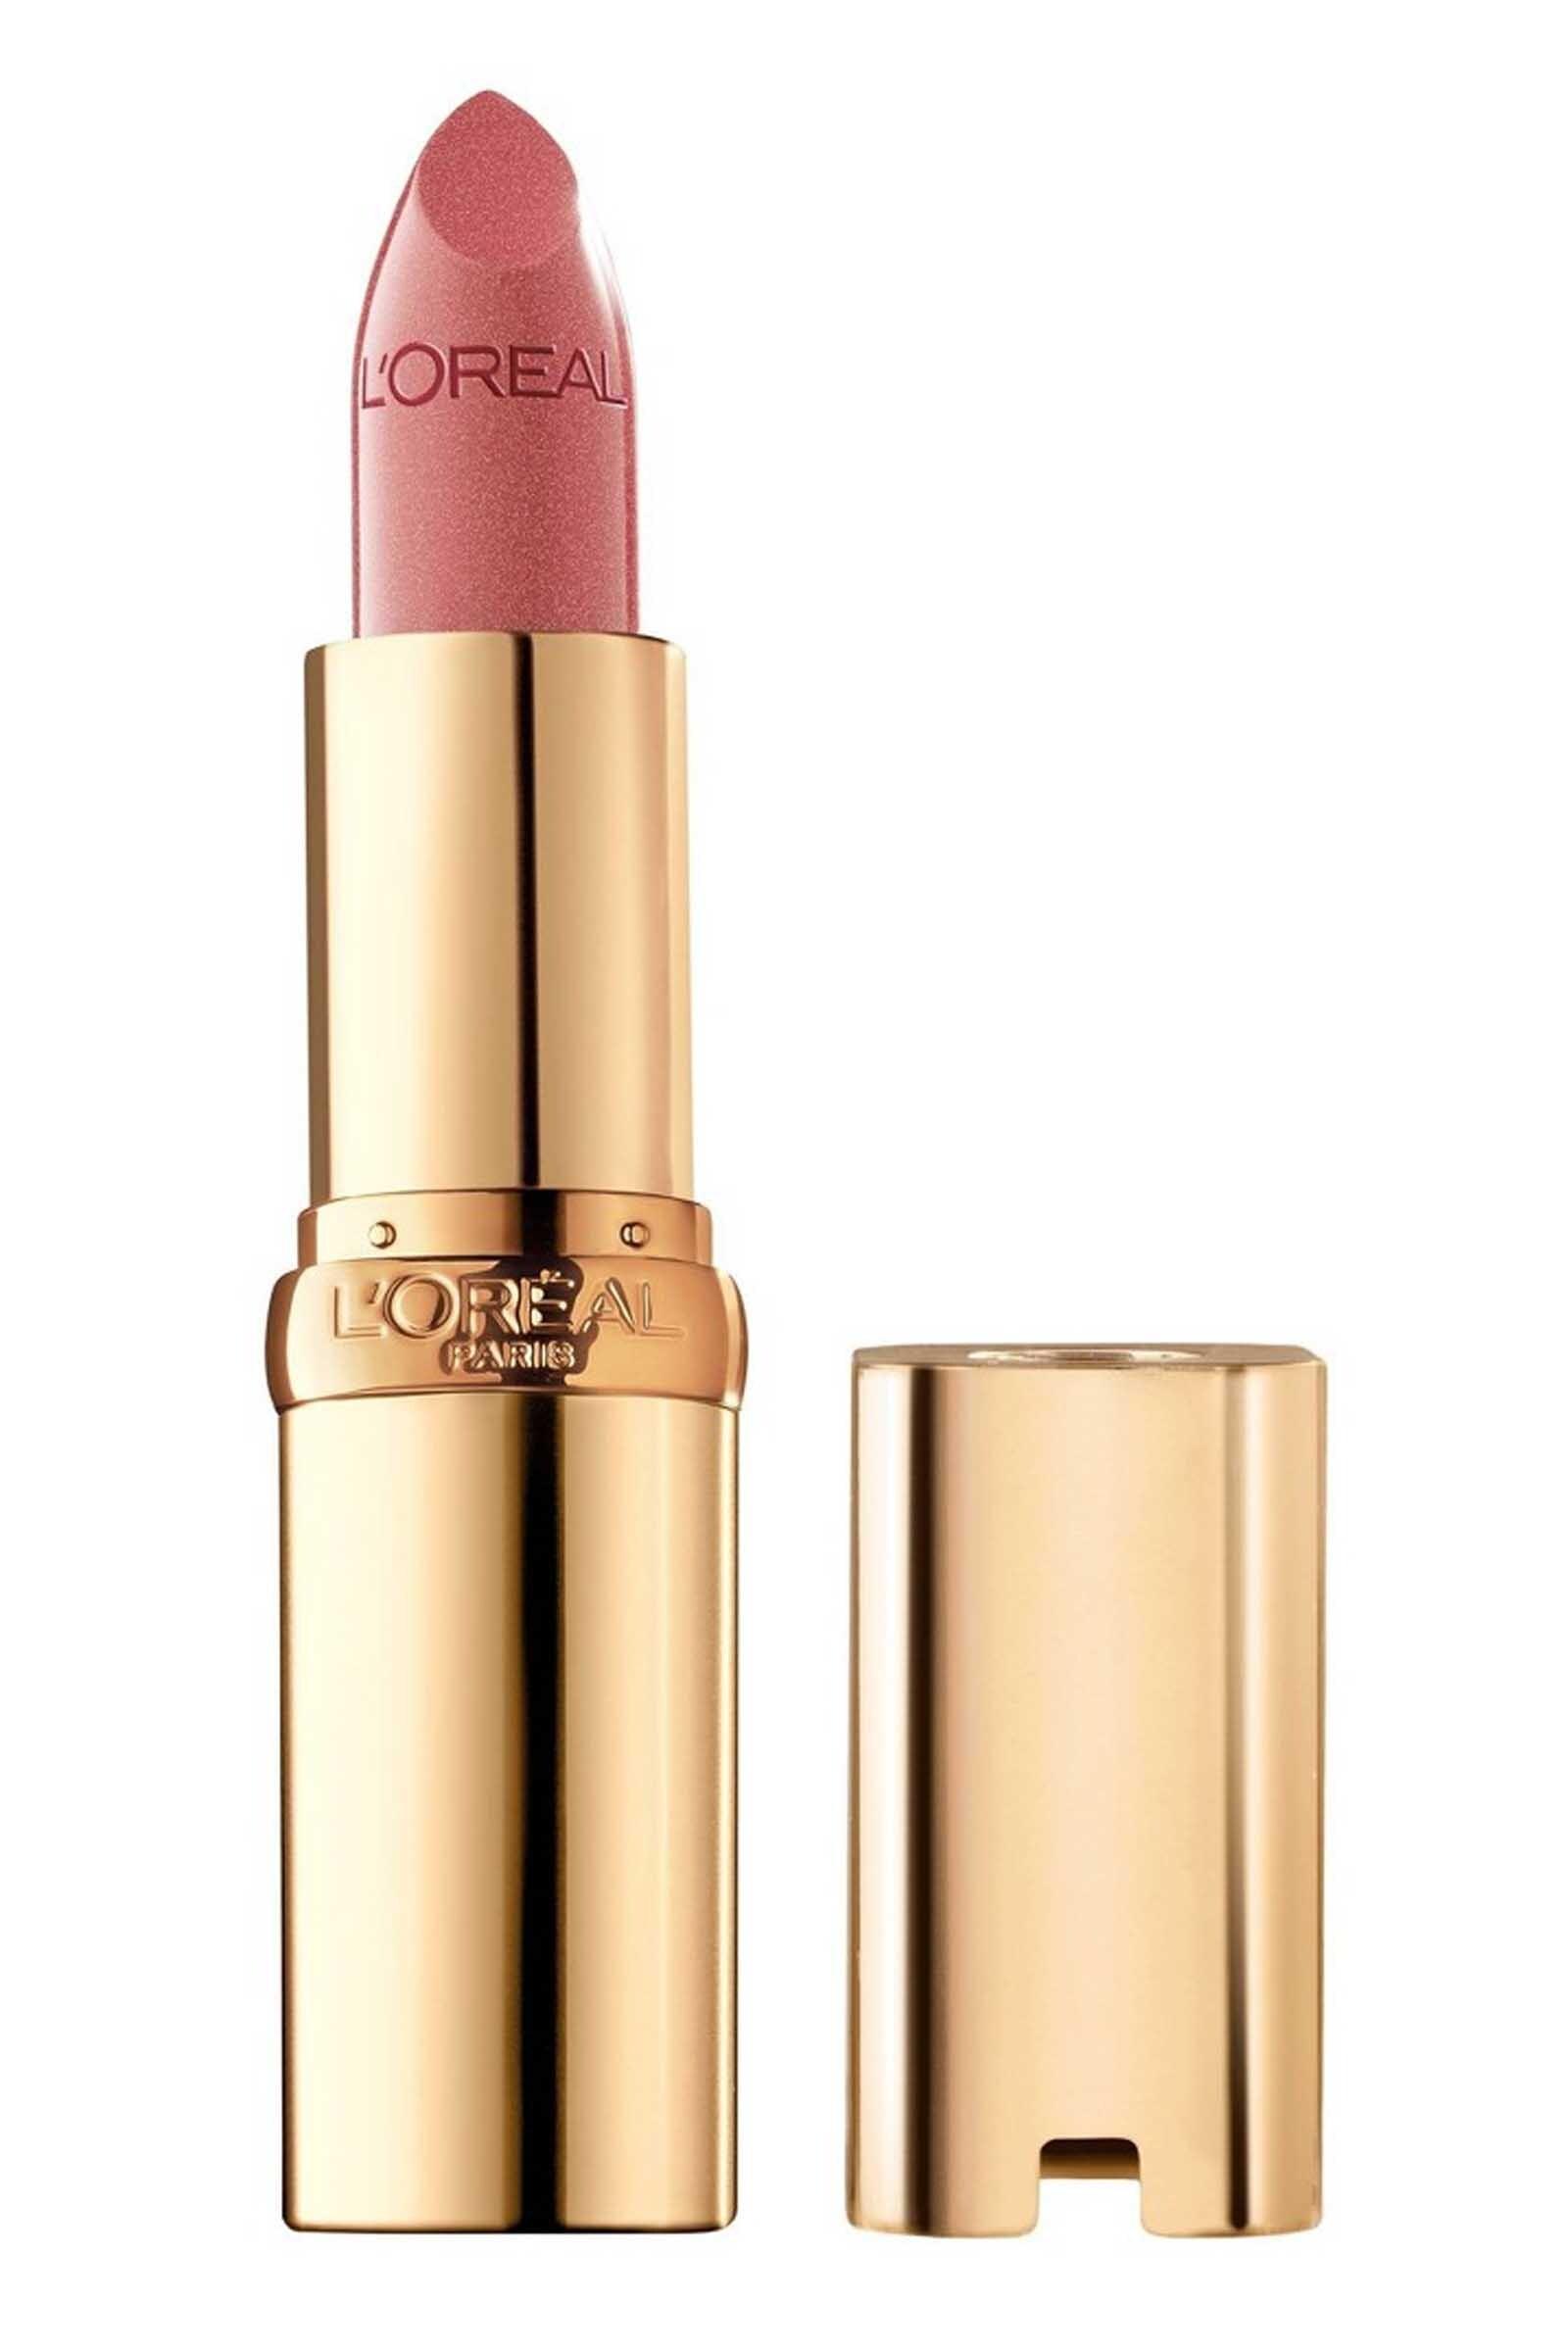 L Oreal Color Riche Lipstick 3.6g Mauved #140